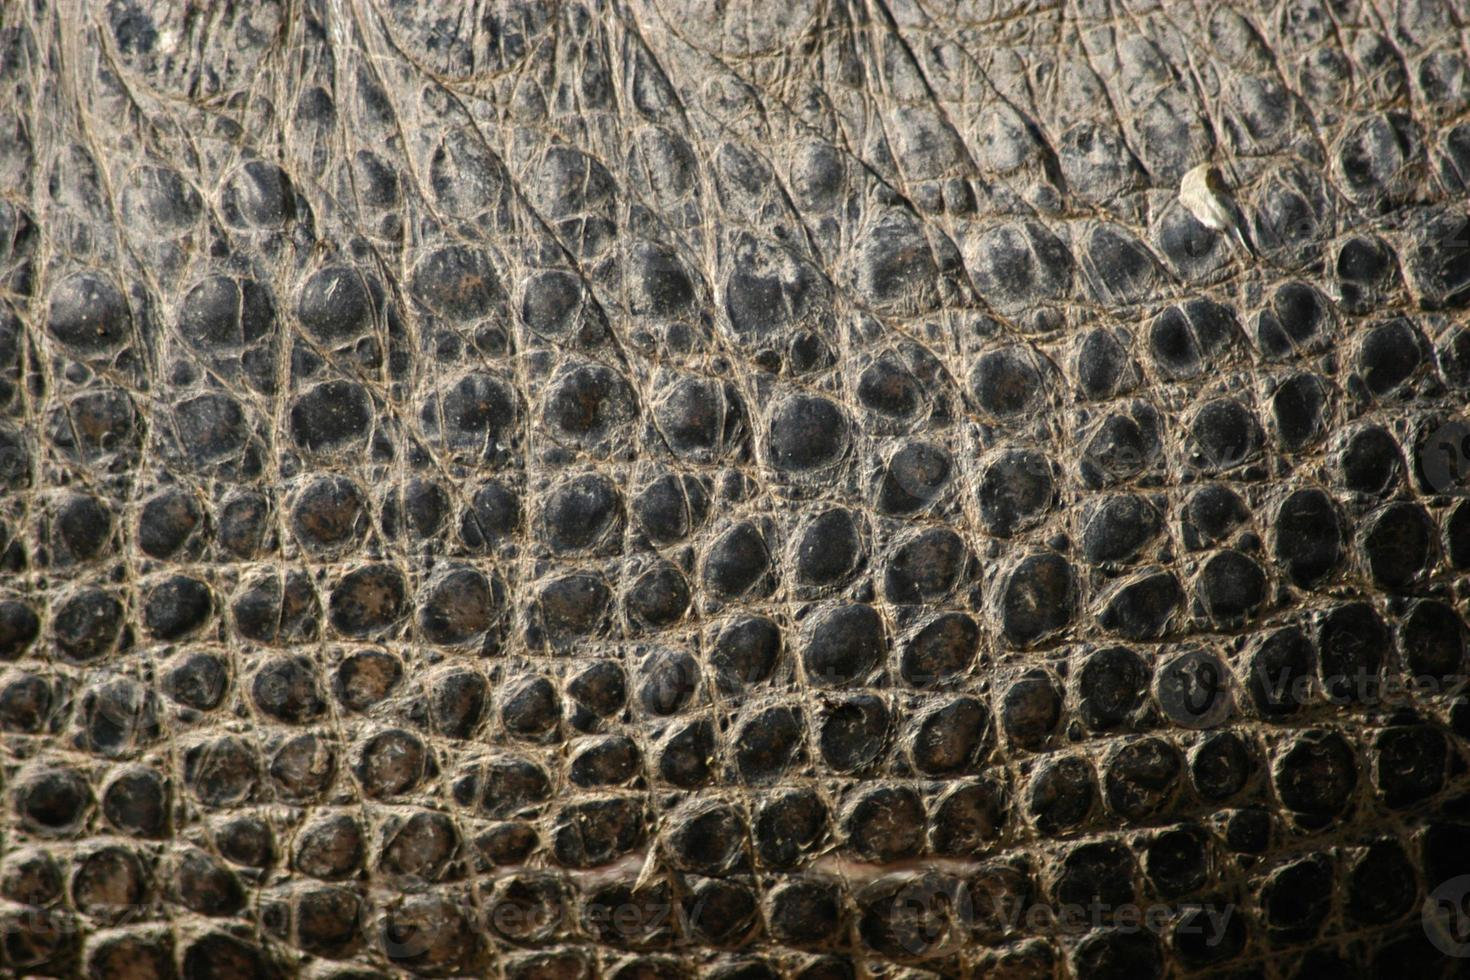 cocodrilo del Nilo. textura de la piel. foto